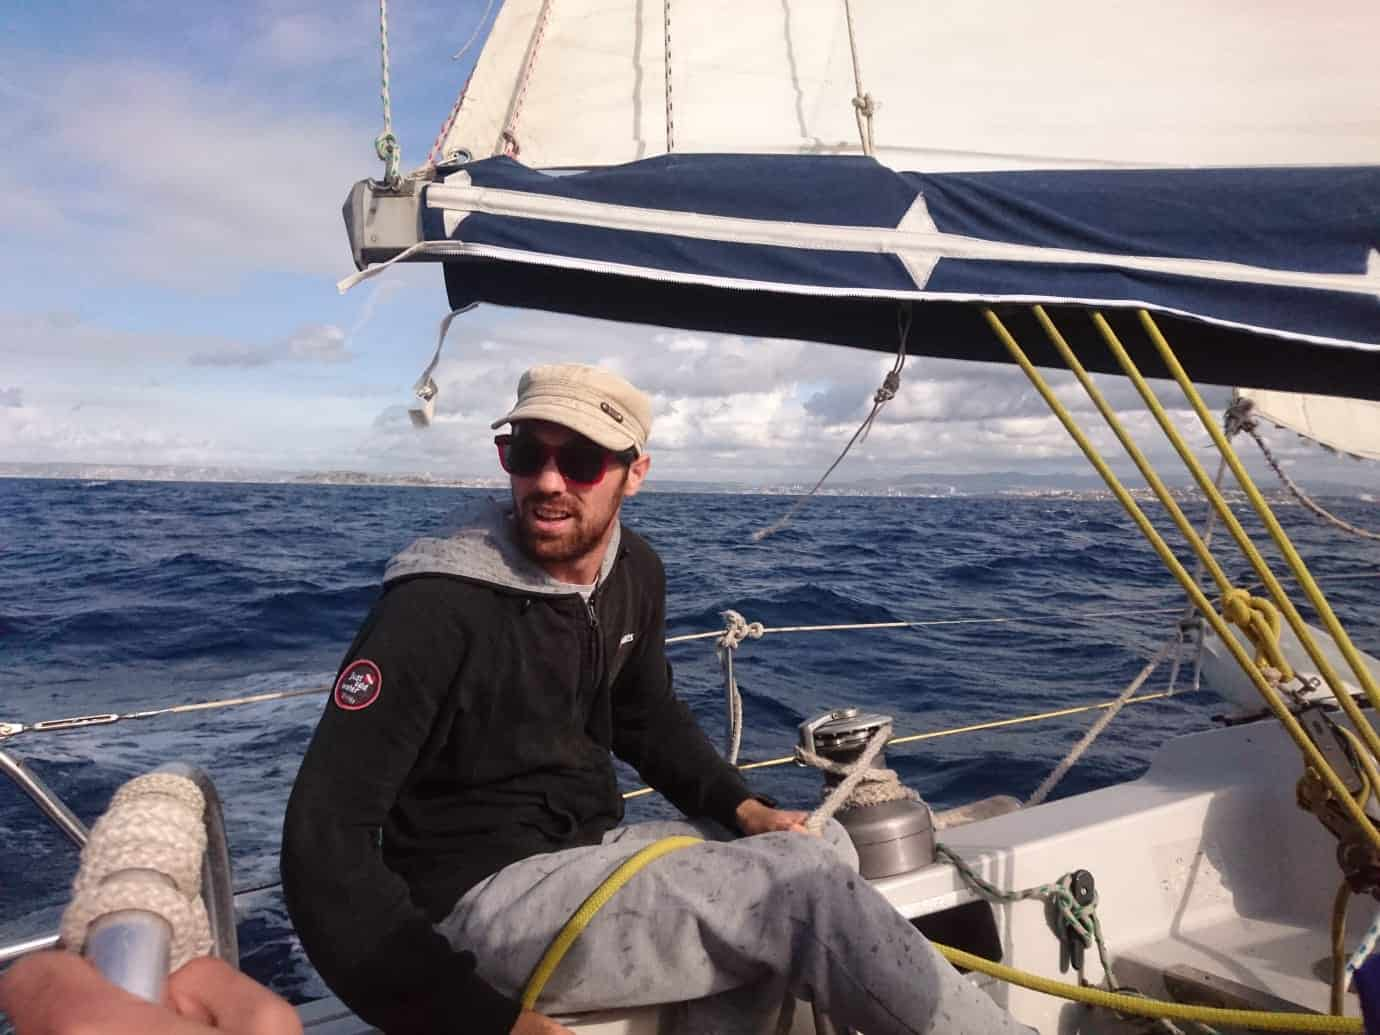 sailing-marseille-3-1.jpeg